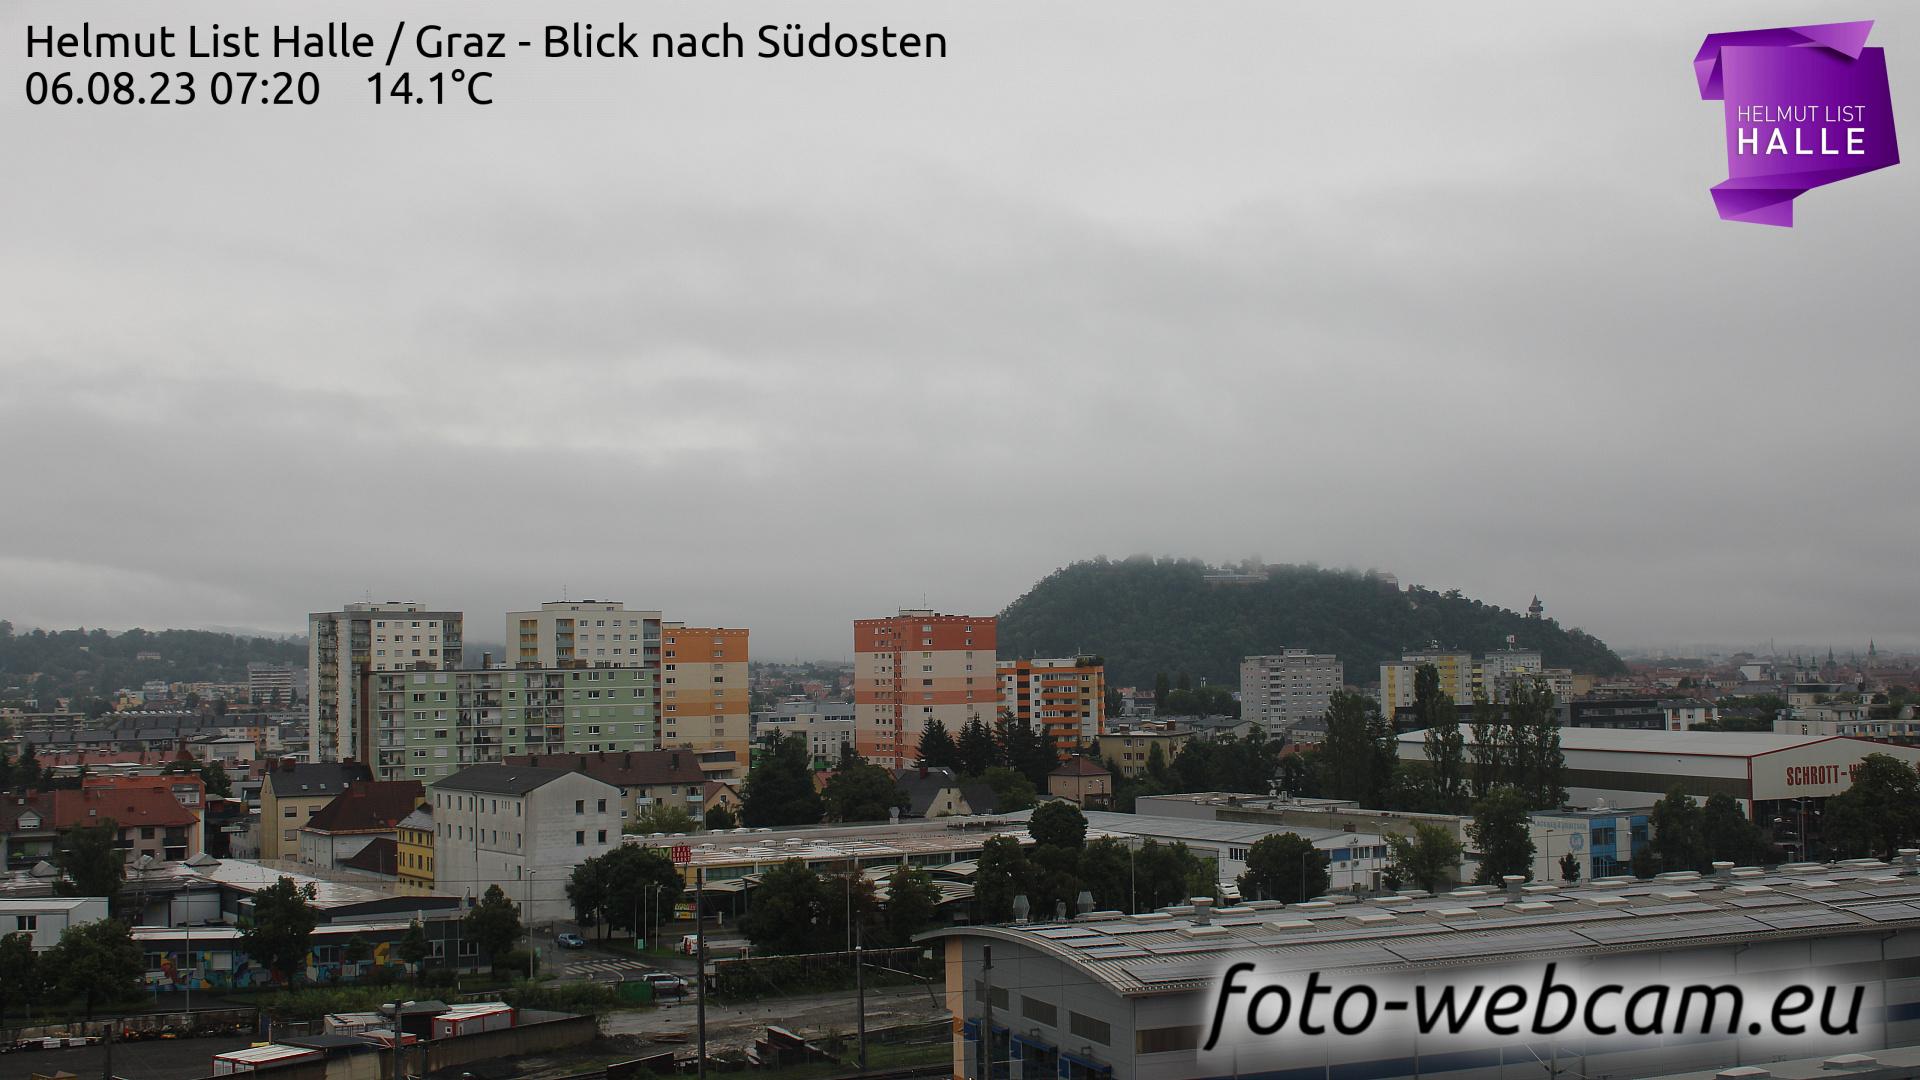 Graz Sun. 07:32